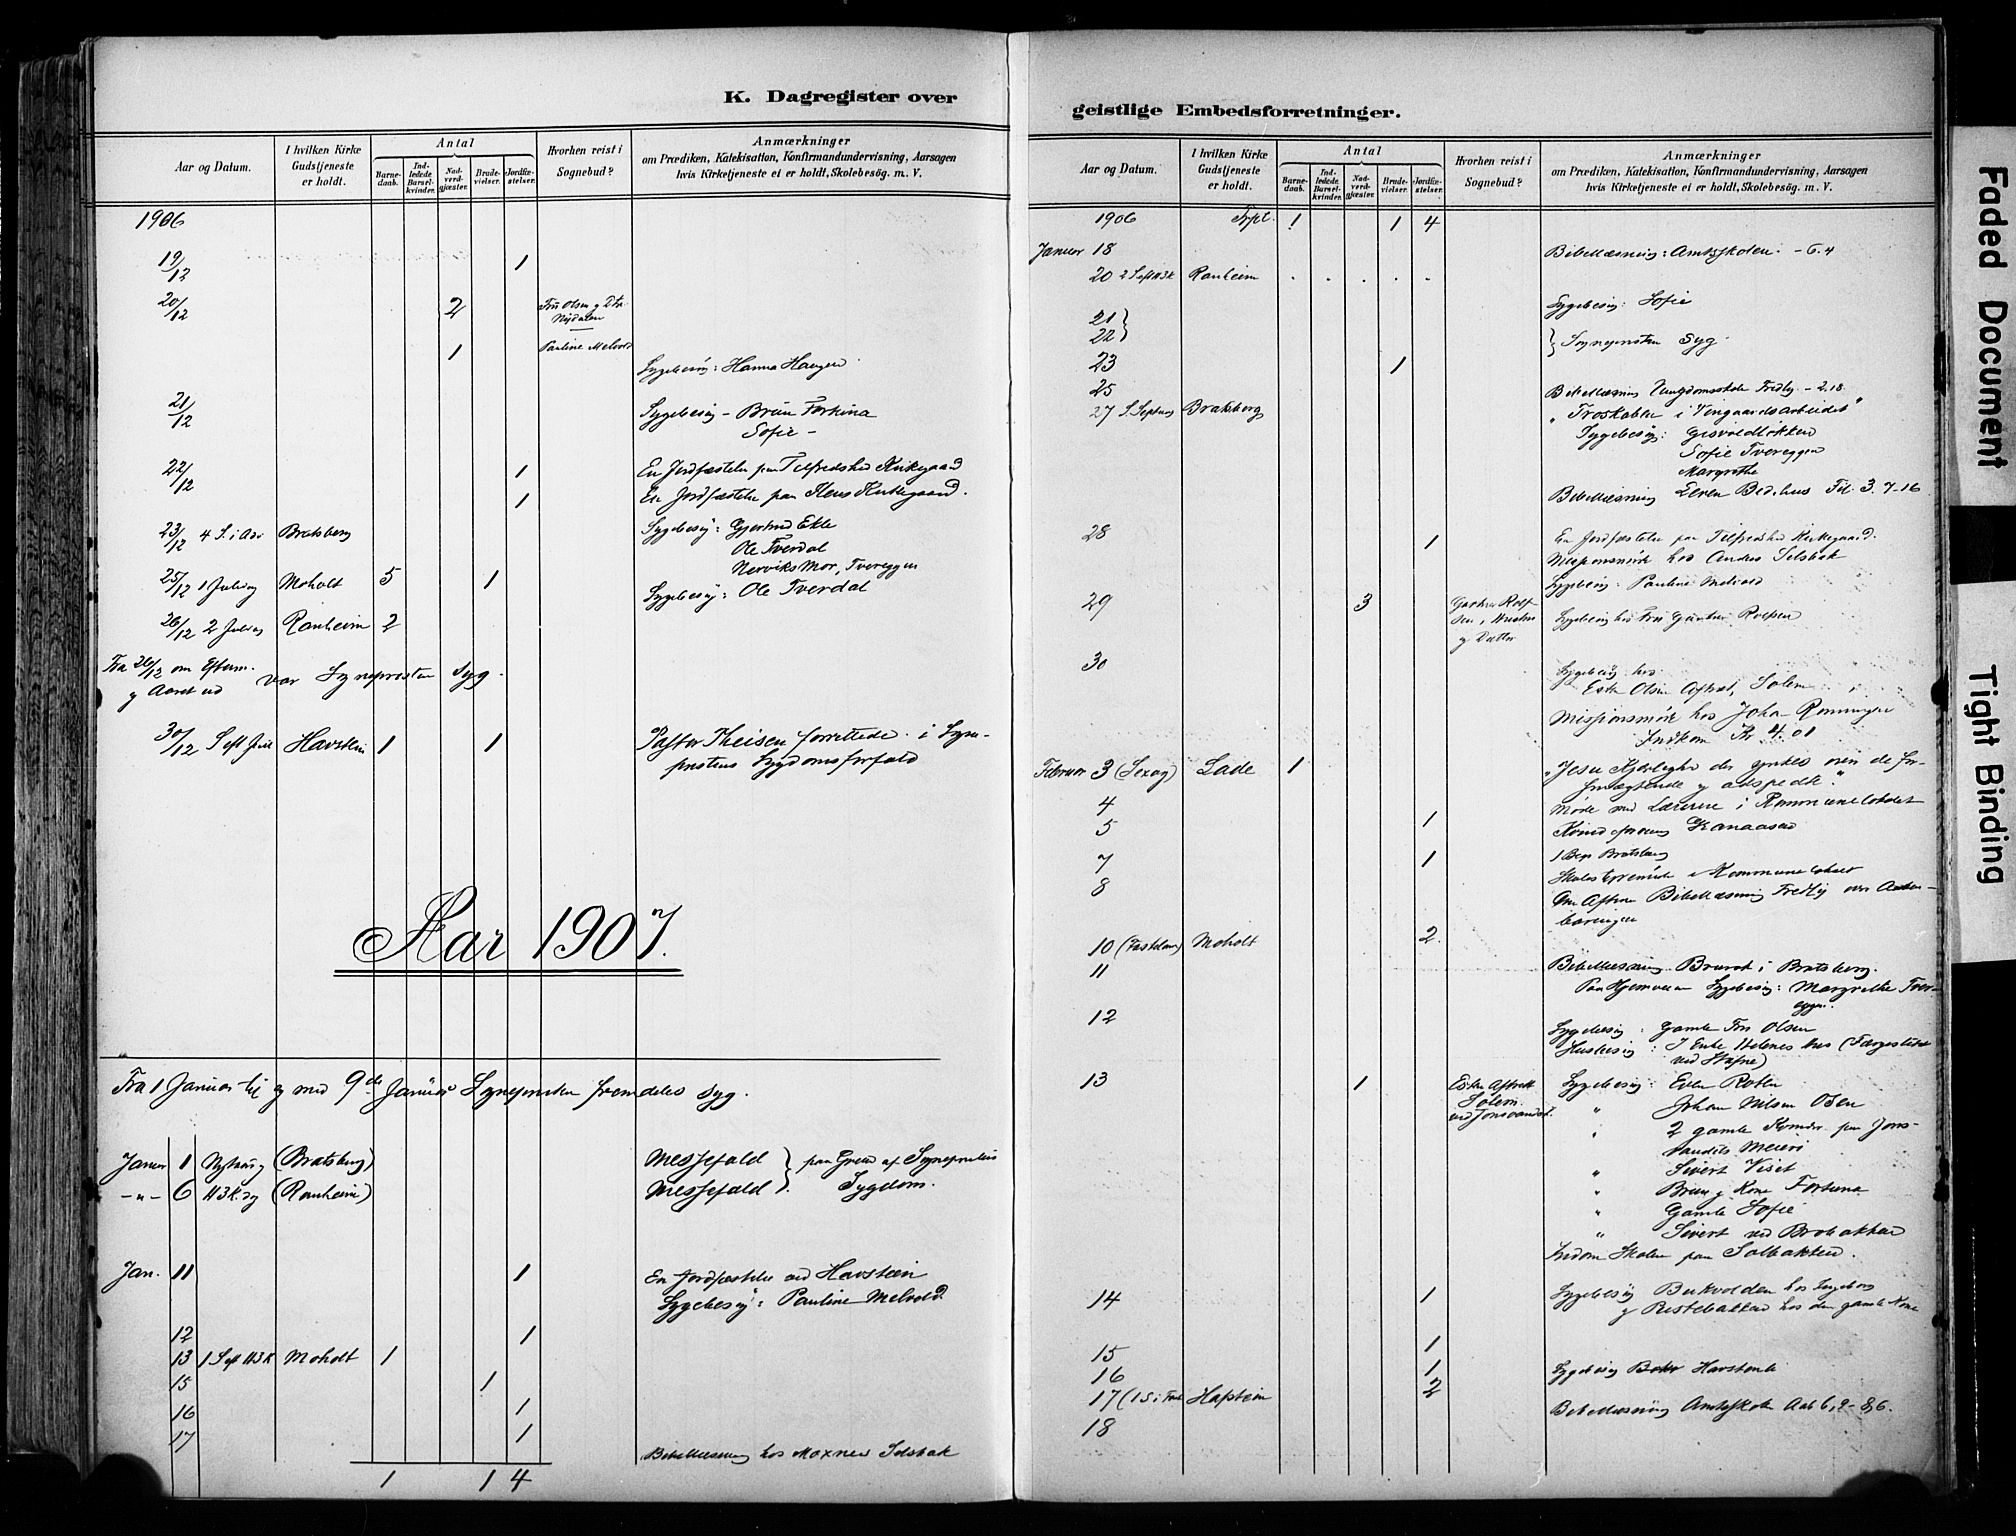 SAT, Ministerialprotokoller, klokkerbøker og fødselsregistre - Sør-Trøndelag, 606/L0301: Ministerialbok nr. 606A16, 1894-1907